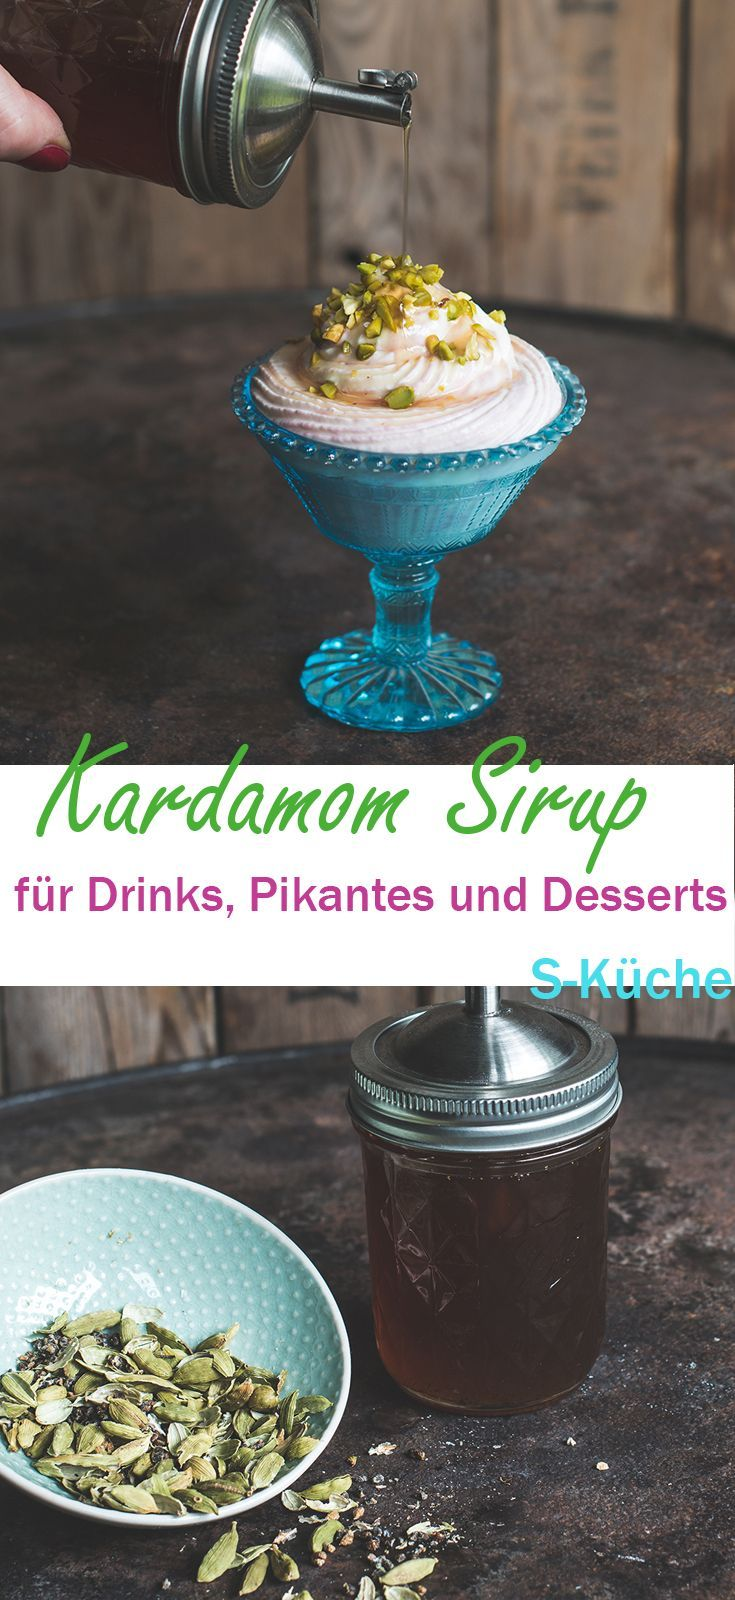 Rezept für aromatischen Kardamom Sirup - meine 1001 Nacht Allzweckwaffe